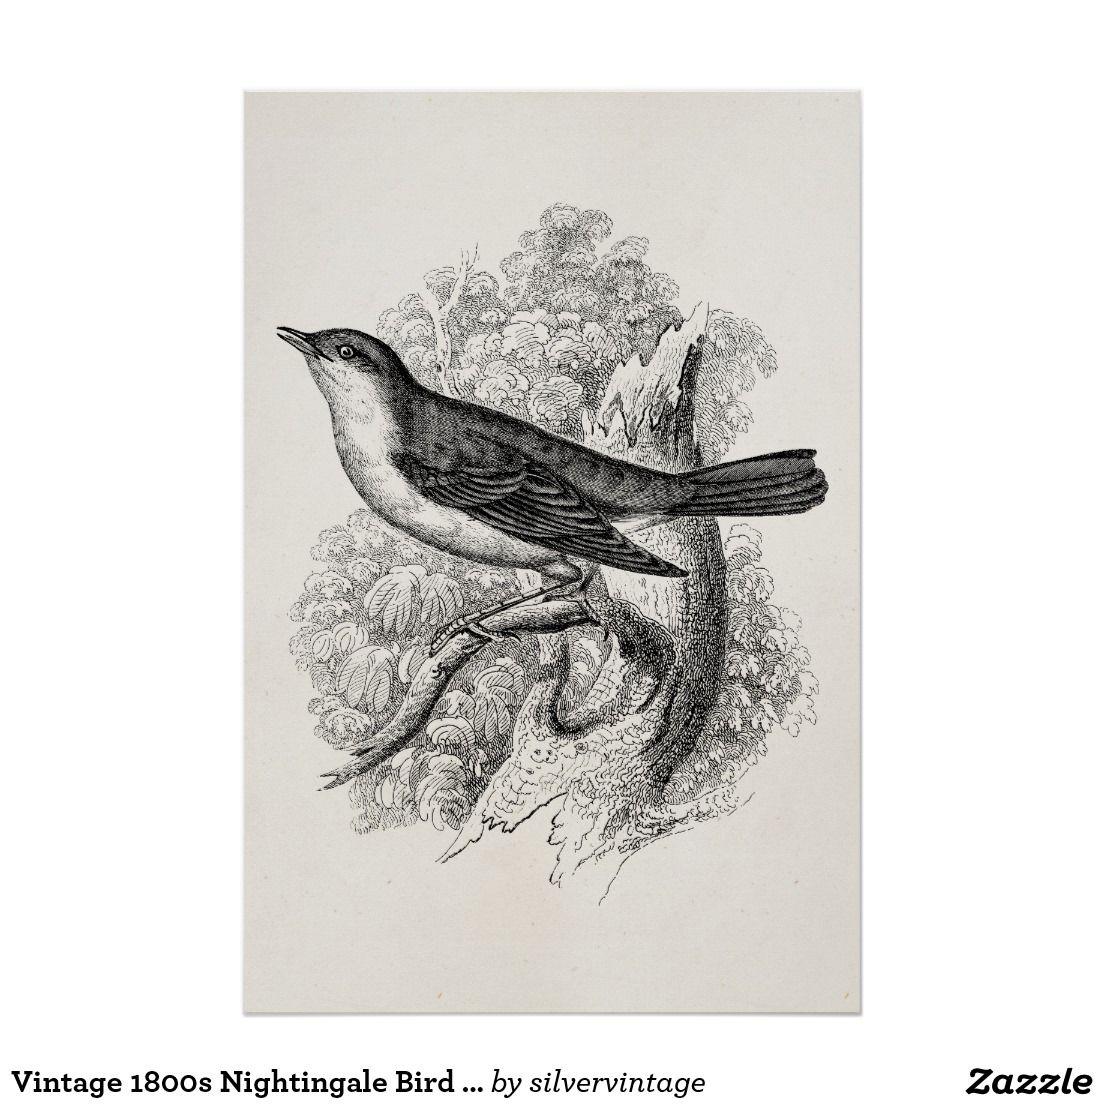 Vintage 1800s Nachtigall-Vogel-Illustrations-Vögel Poster | Vorlagen ...